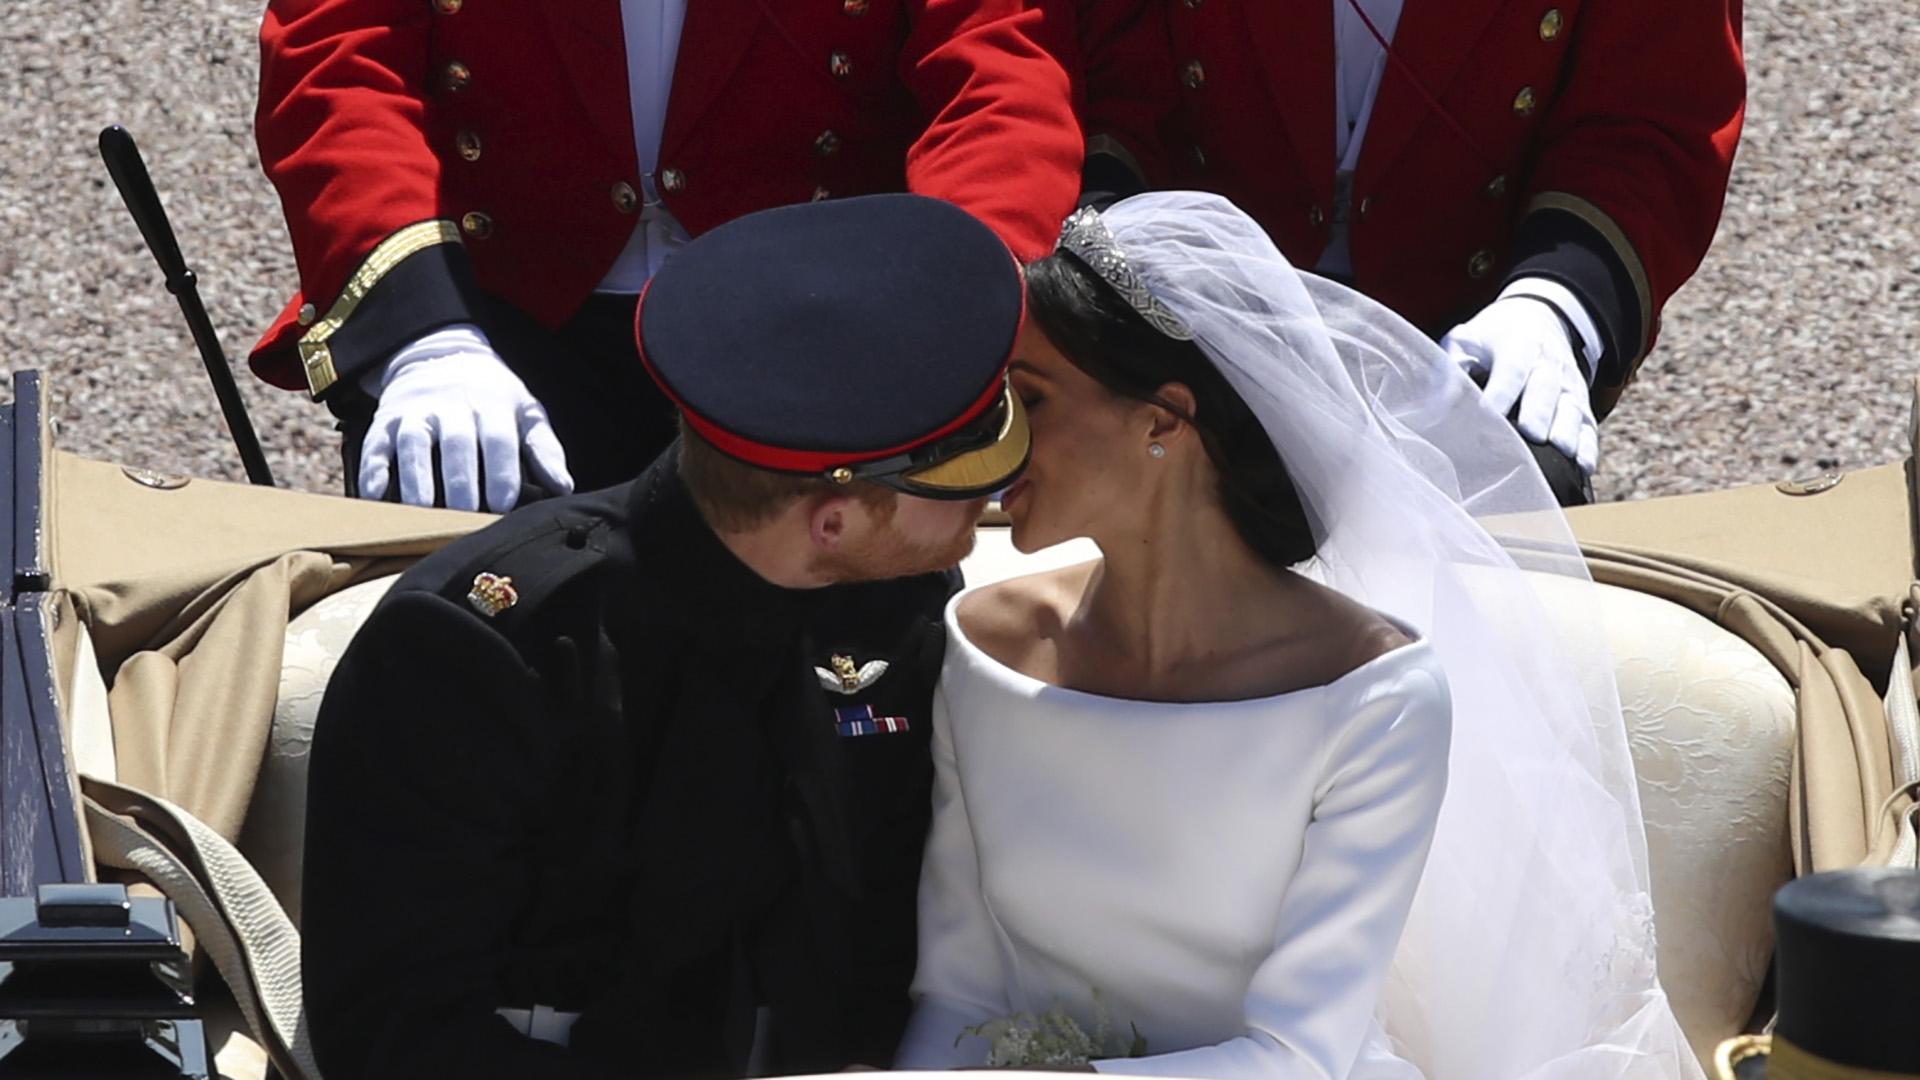 A los besos en el carruaje real, Harry y Meghan vivieron una historia de amor fulminante que empezó con encuentros secretos en viajes relámpago para ocultarlo de la prensa. Fue una amigo en común quien los presentó (Yui Mok/ AP)